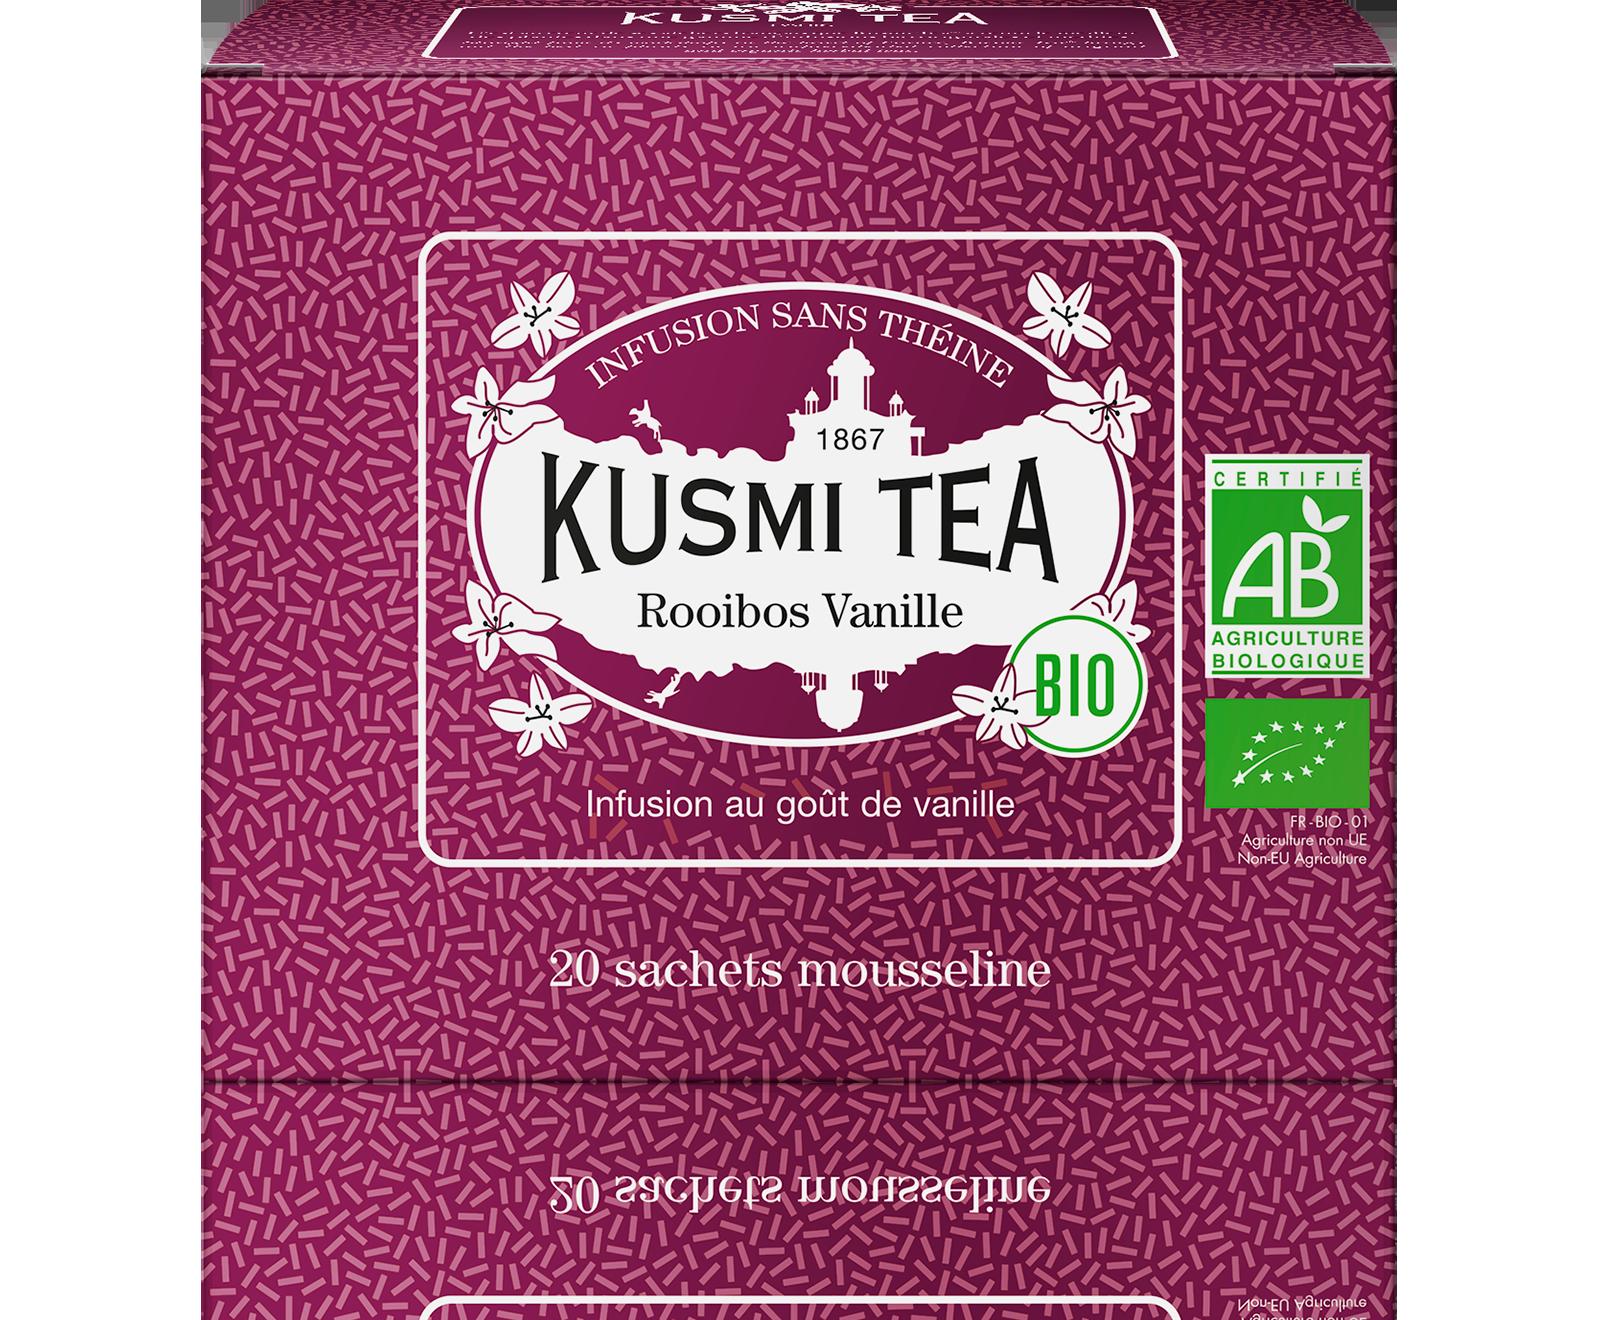 Rooibos Vanille (Infusion bio) - Kusmi Tea